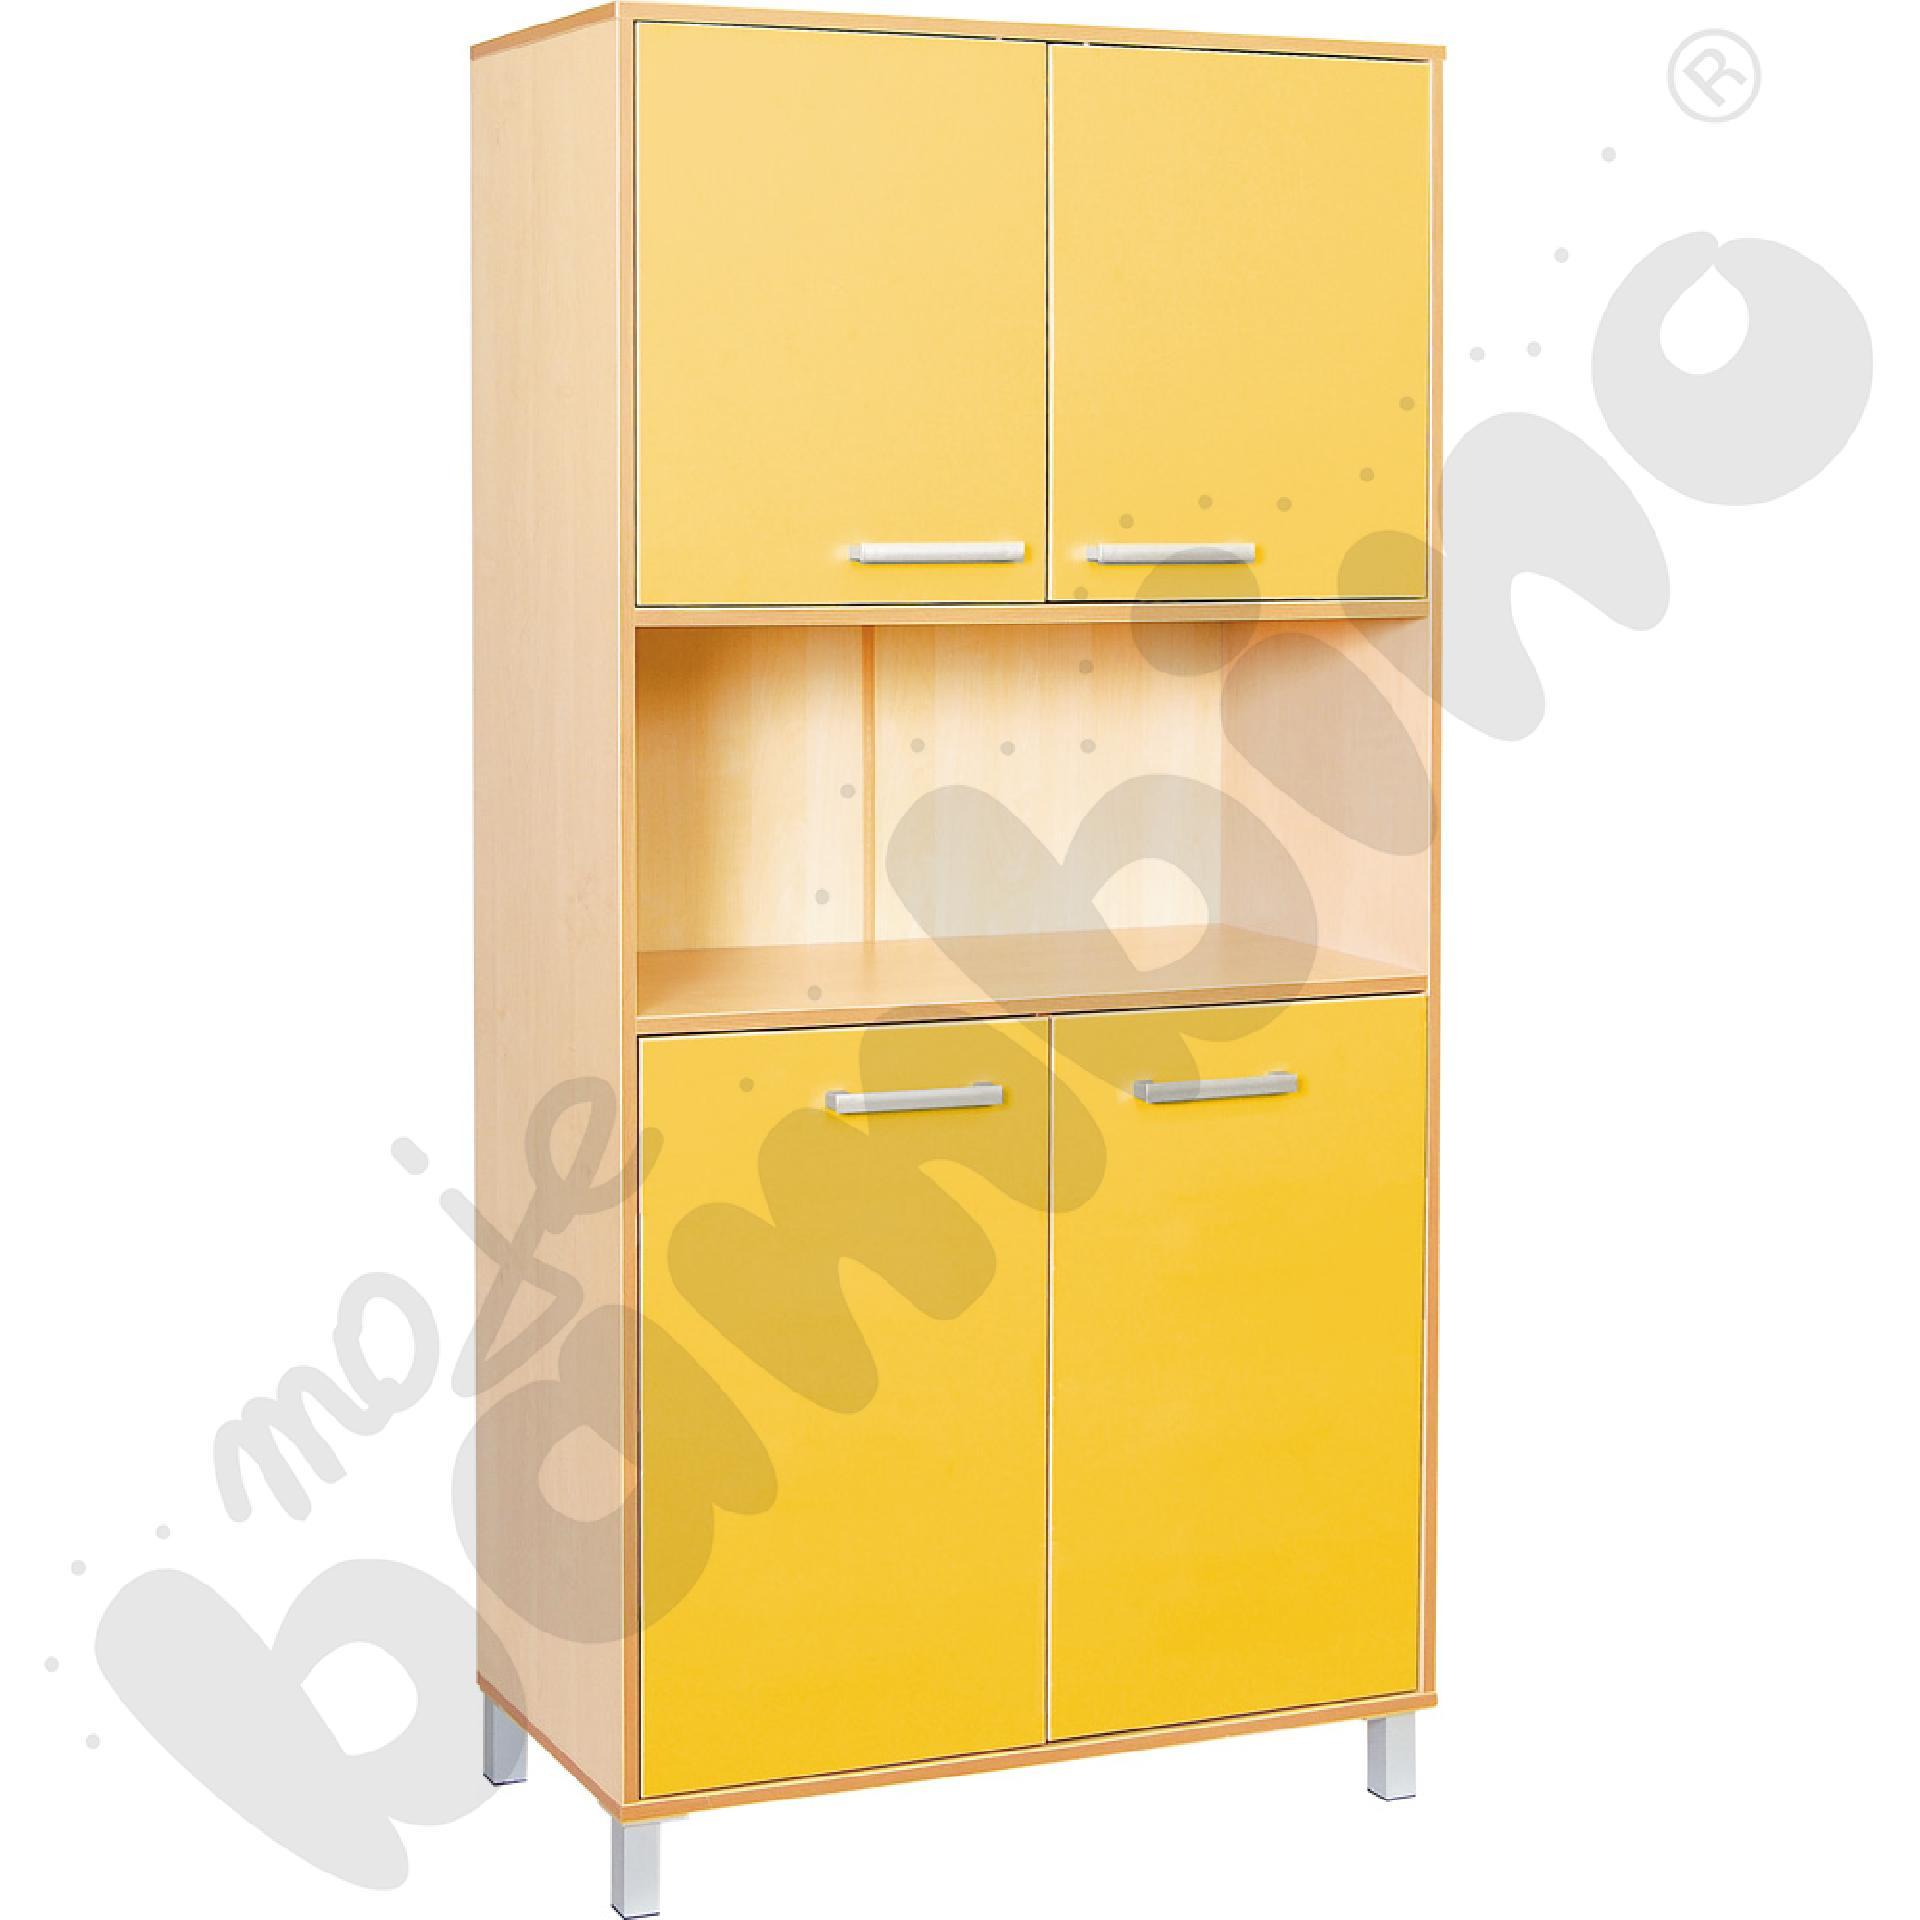 Szafa wysoka Premium z drzwiczkami - żółta